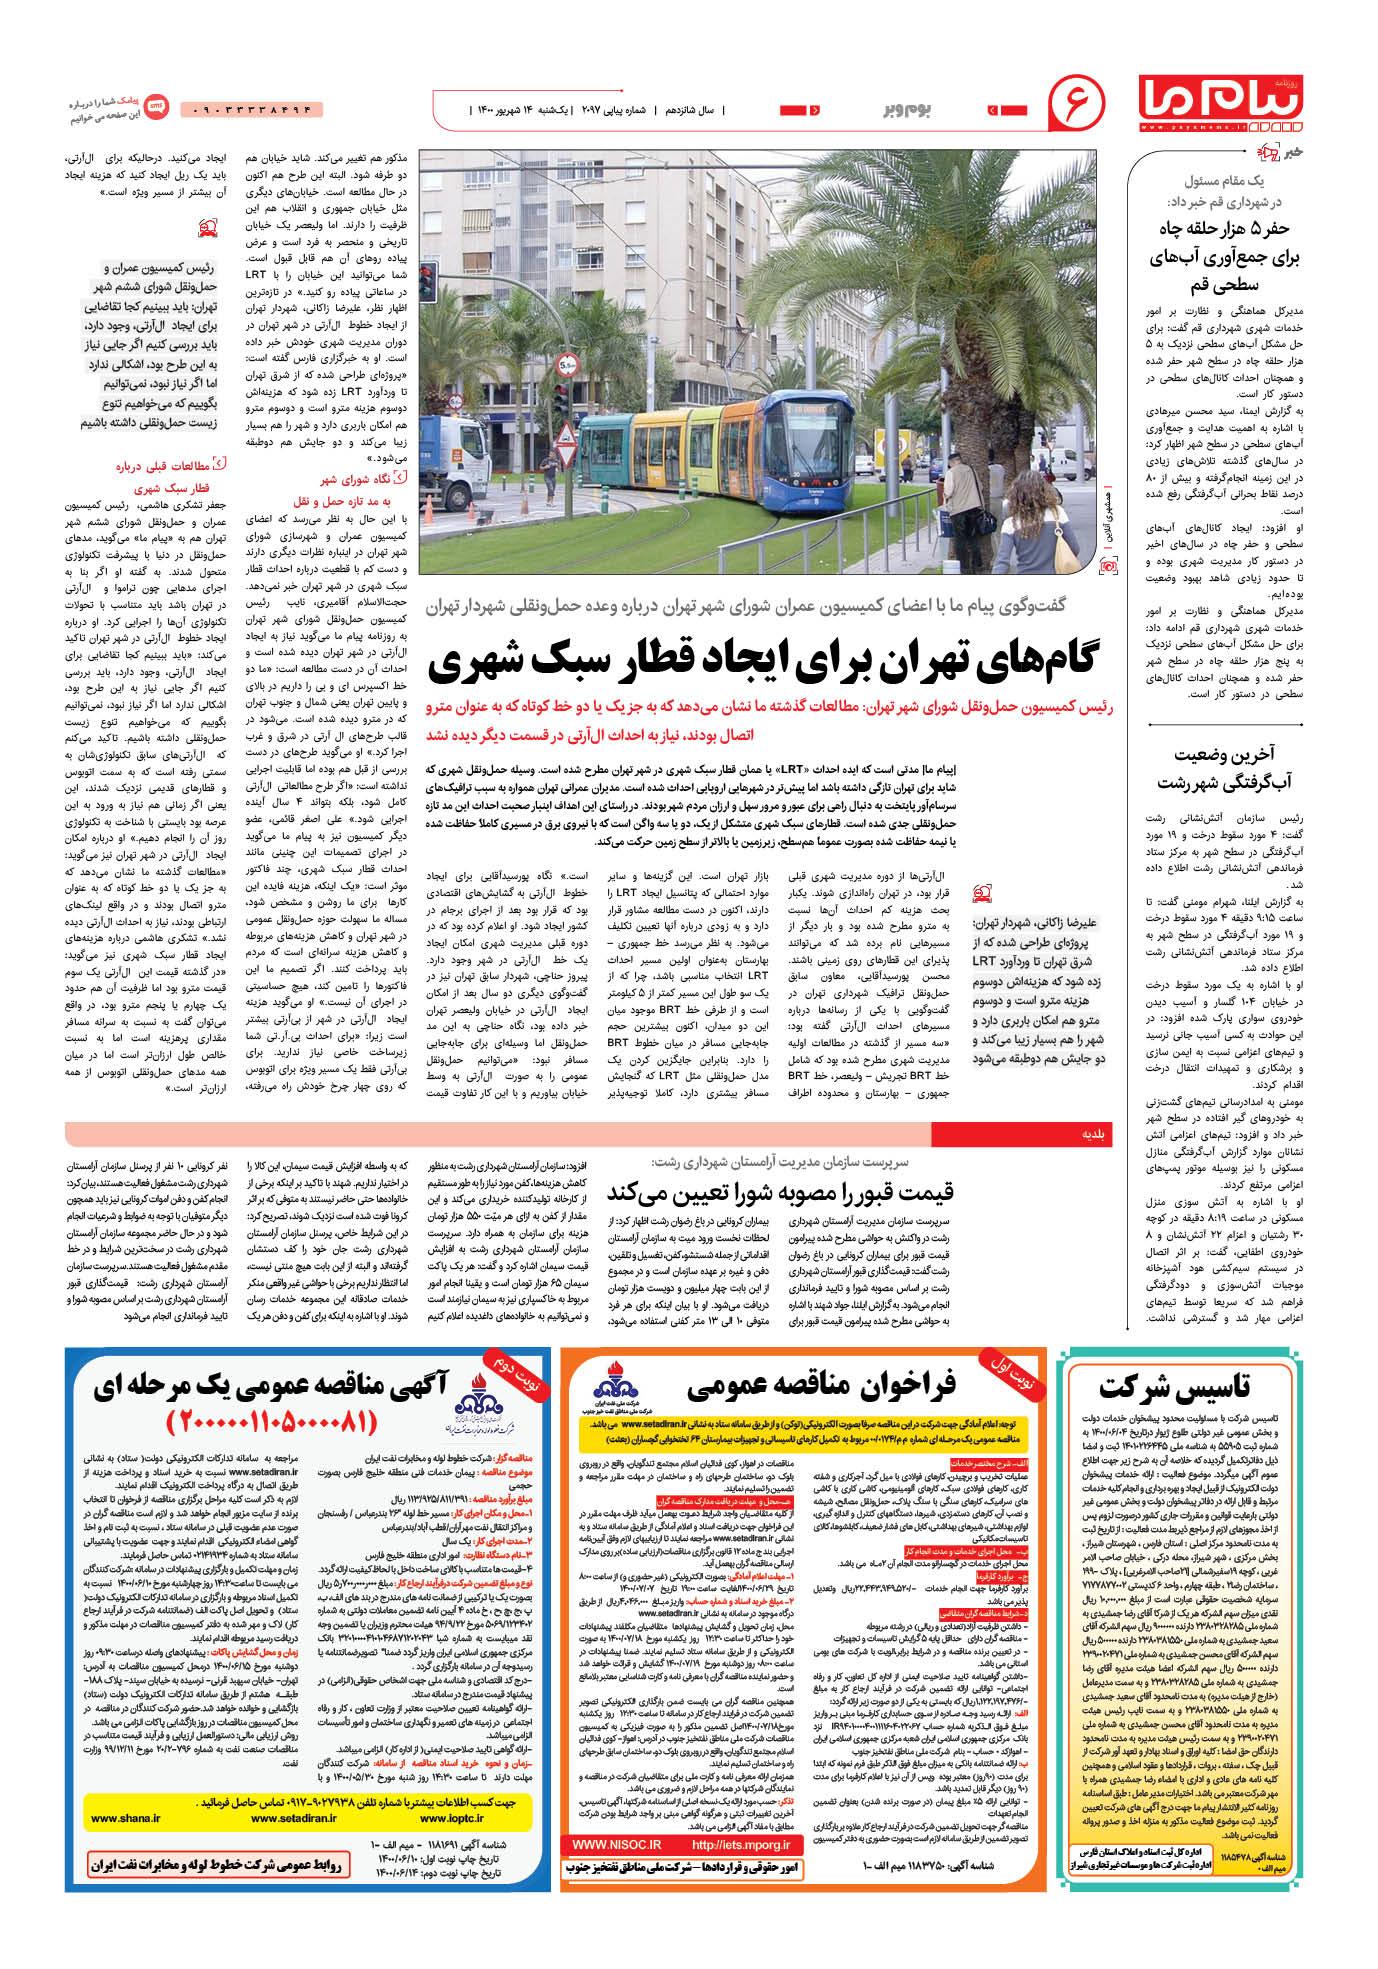 گامهای تهران برای ایجاد قطار سبک شهری